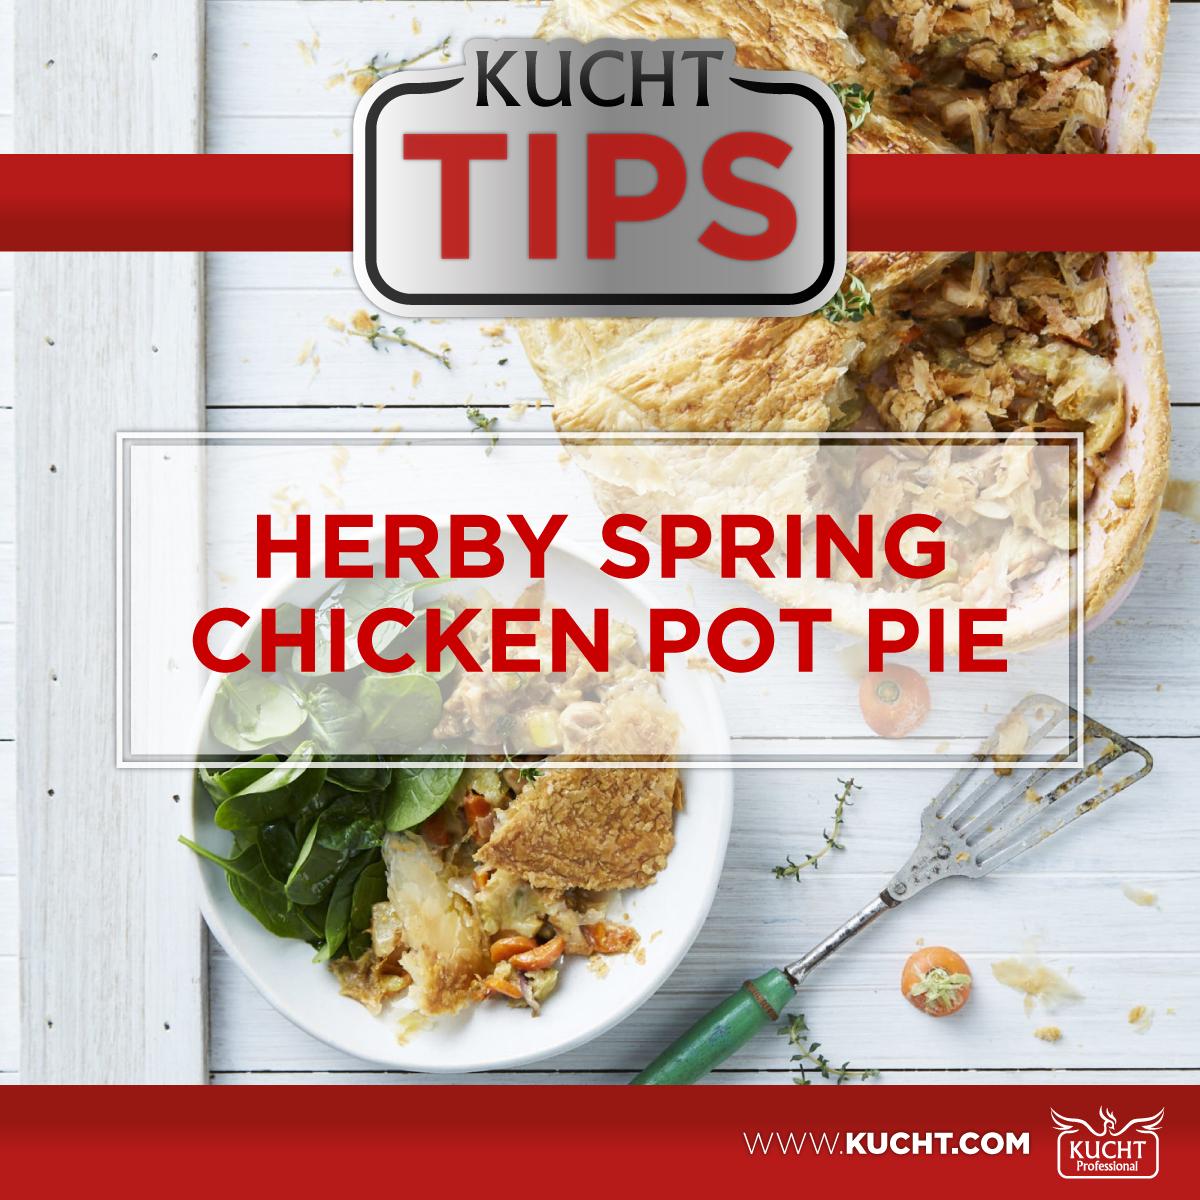 HERBY CHICKEN PIE 01 - RECIPES